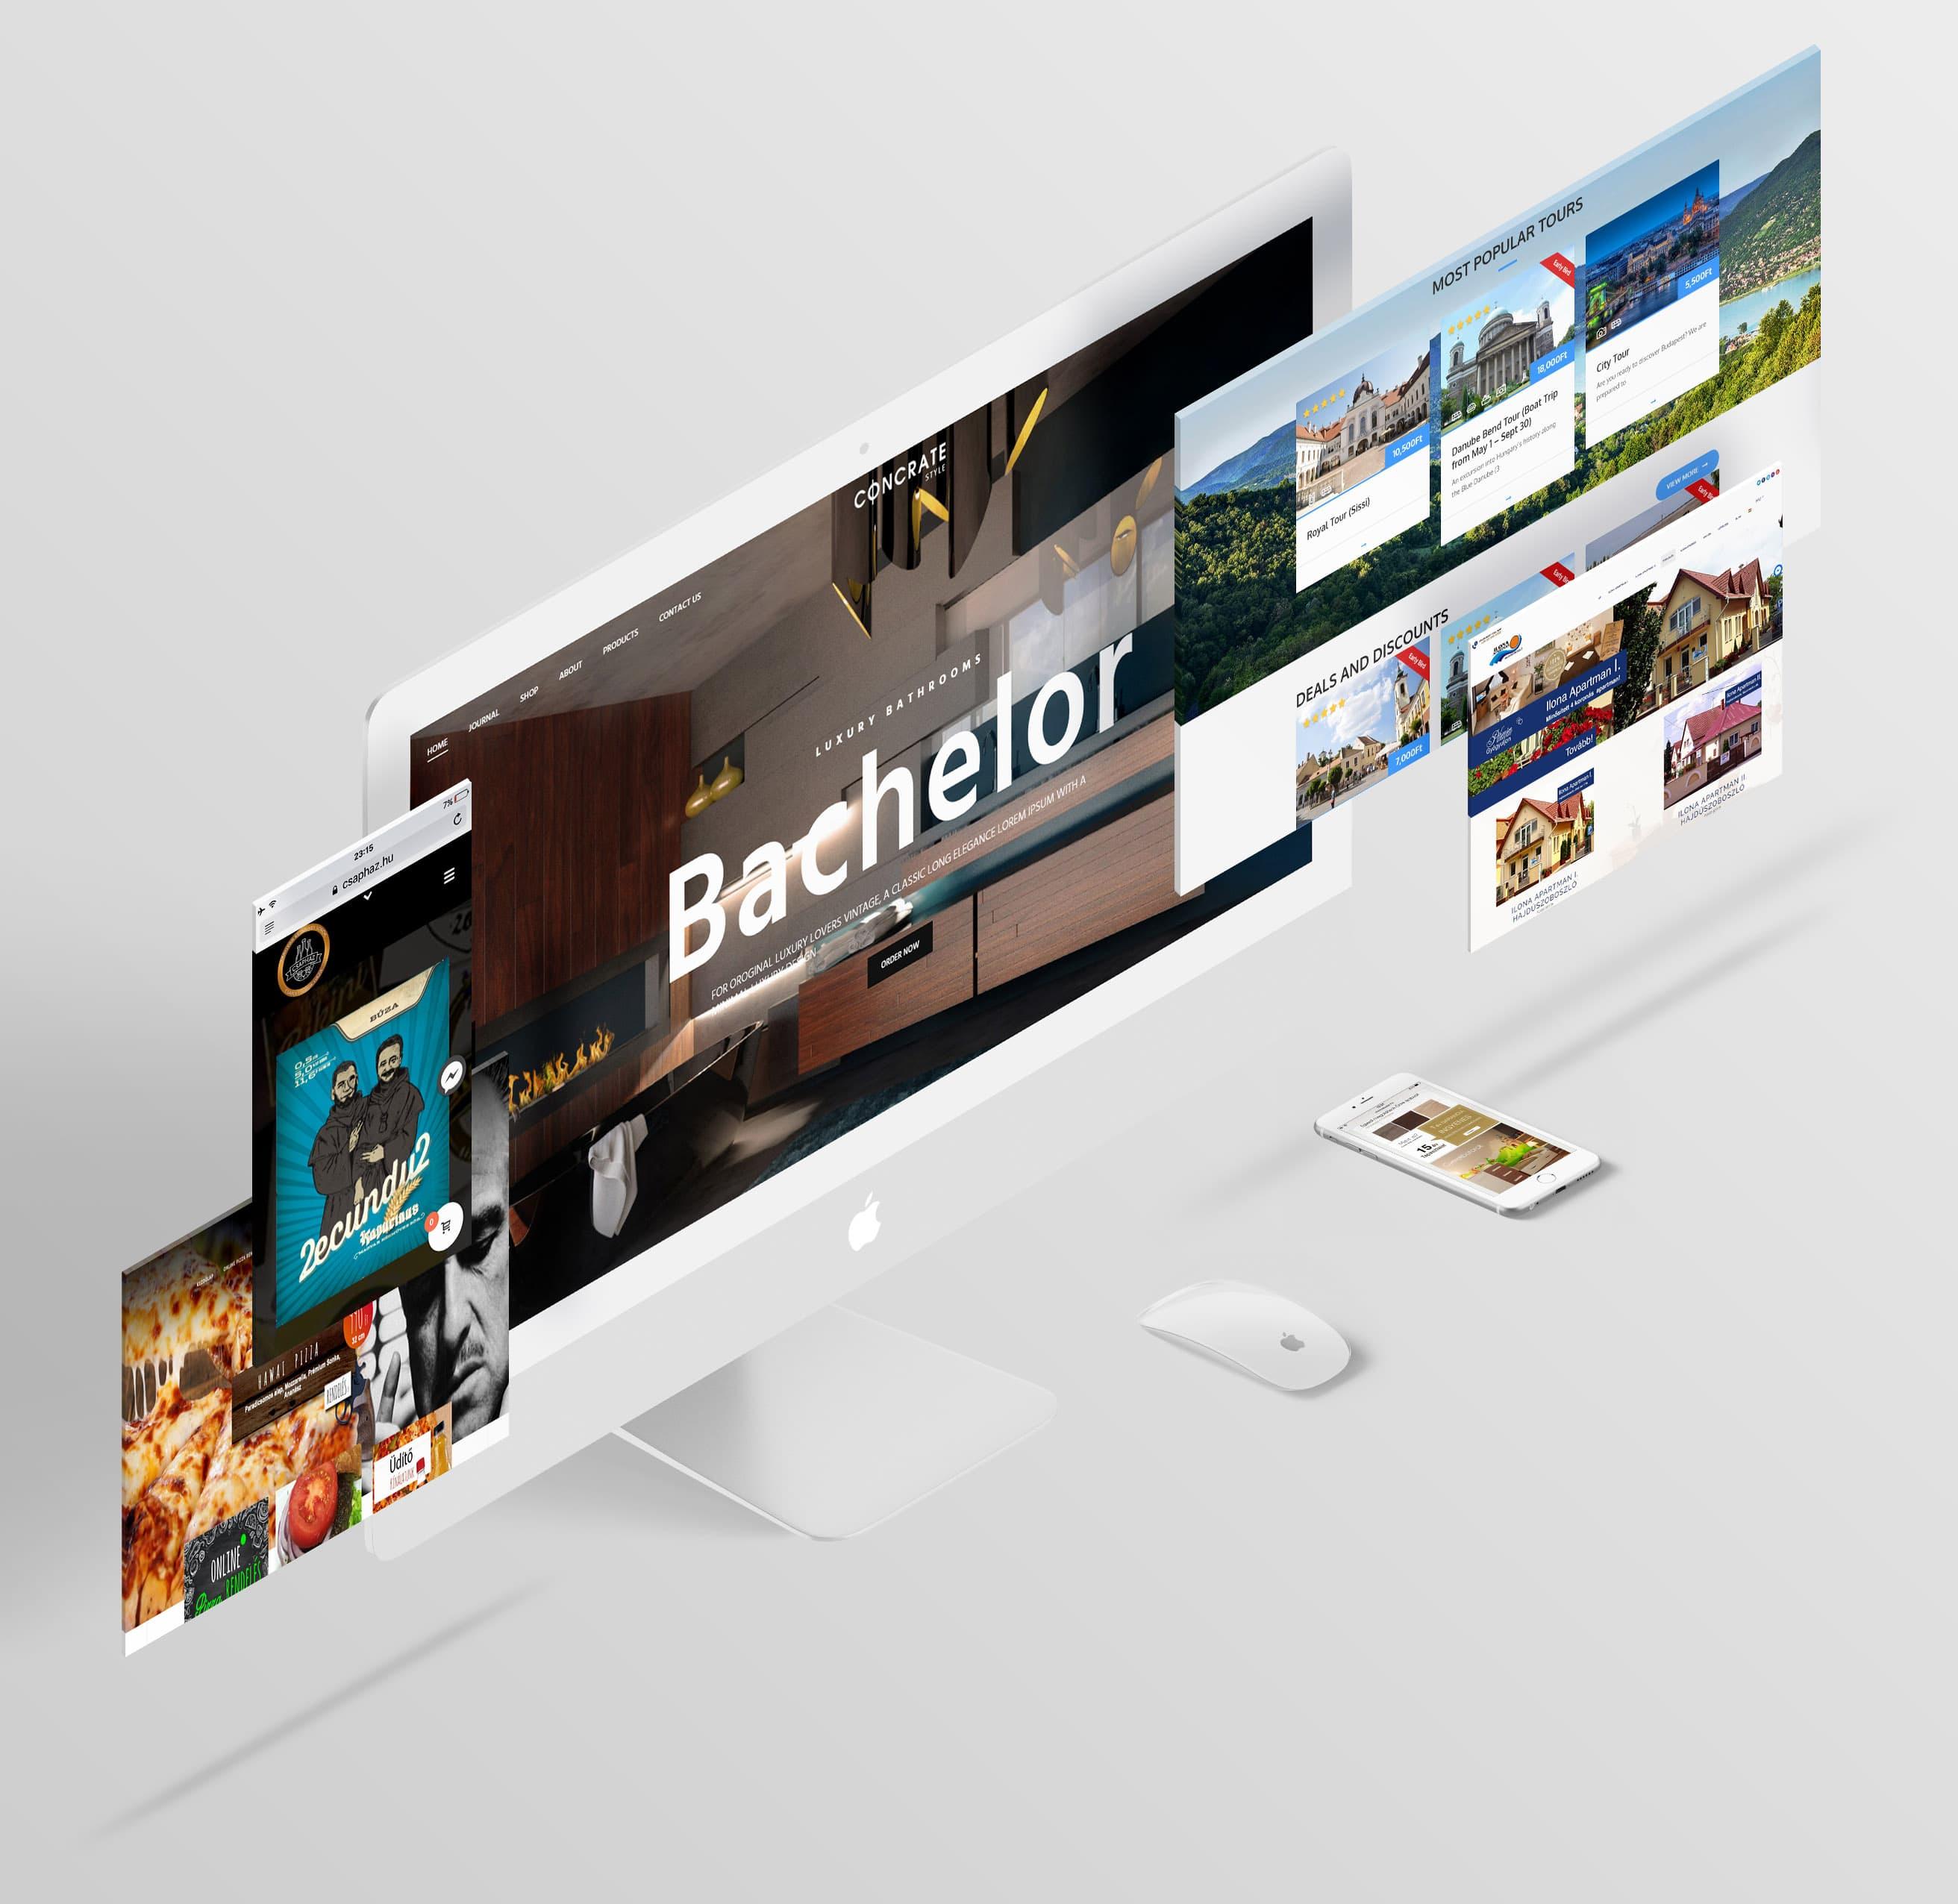 weboldal készítés - Pren Design - holnap készítésweboldal készítés - Pren Design - holnap készítés